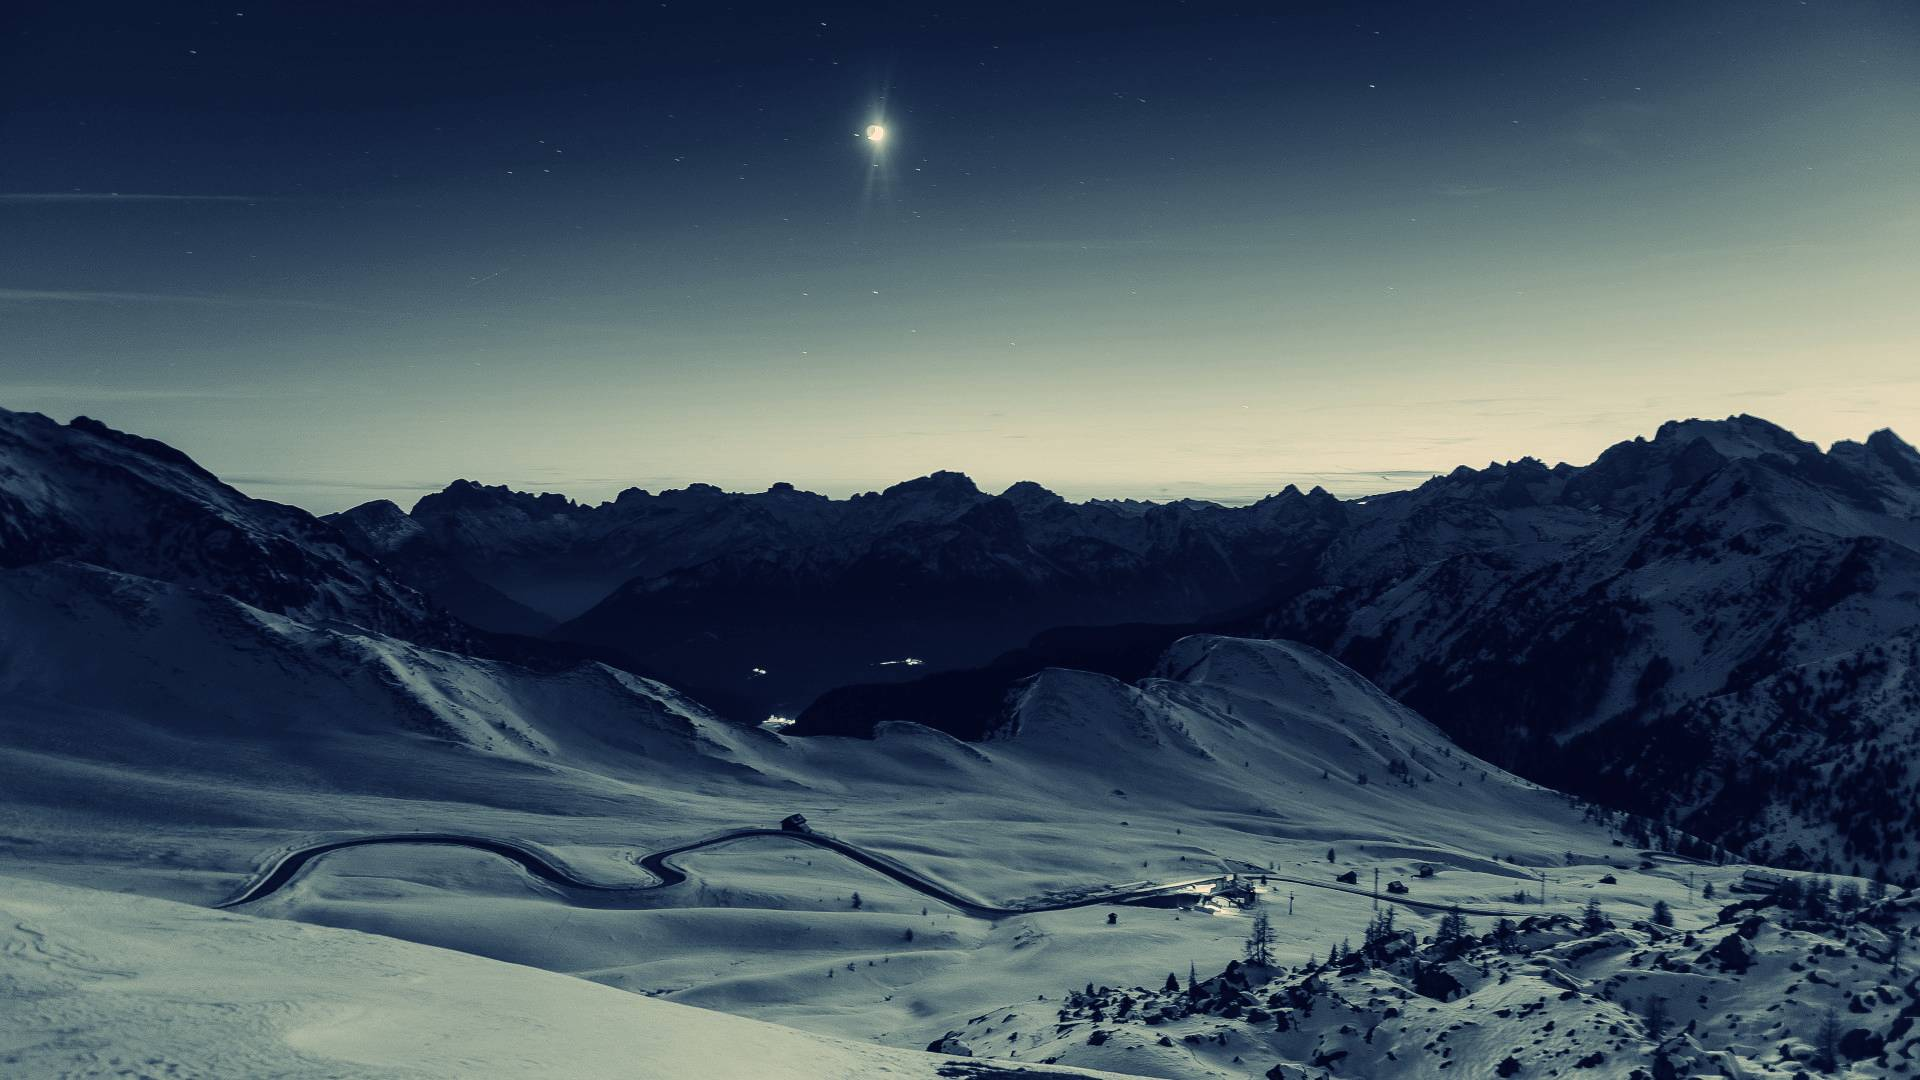 berge schnee nacht